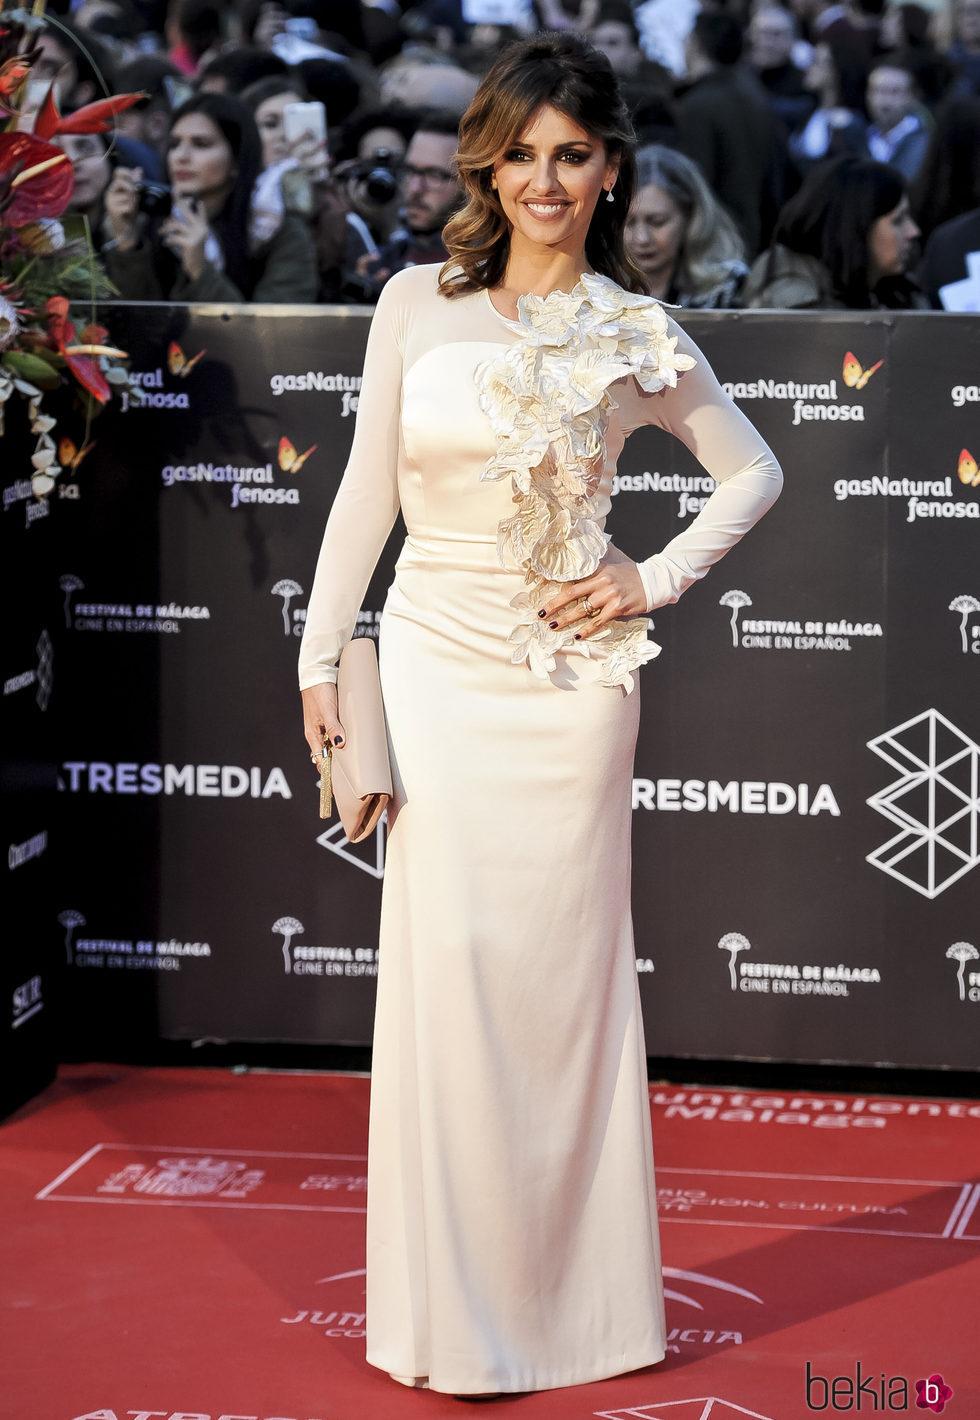 Mónica Cruz en la gala de clausura del Festival de Cine de Málaga